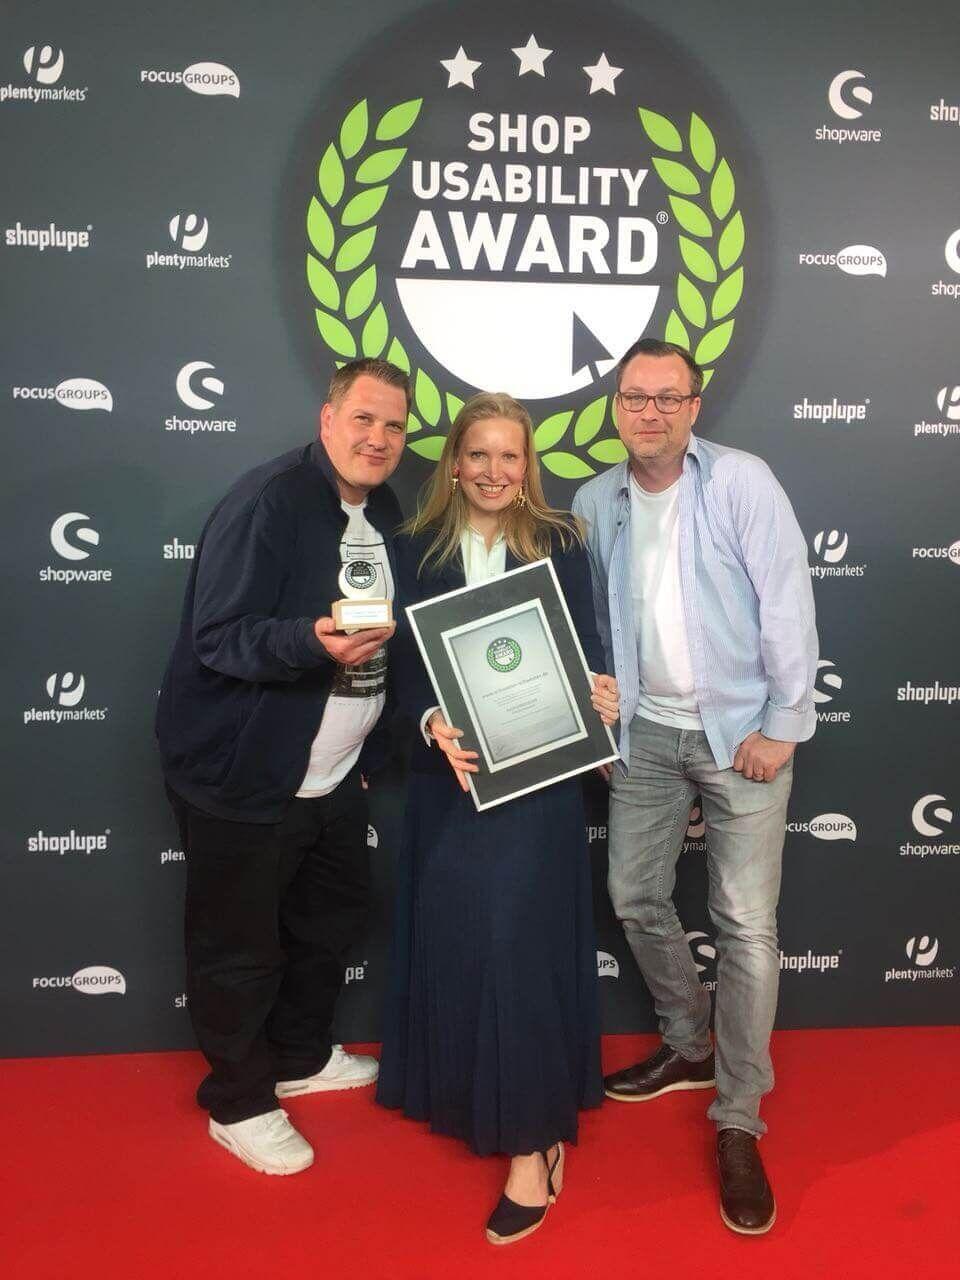 Shop Usability Award 2018